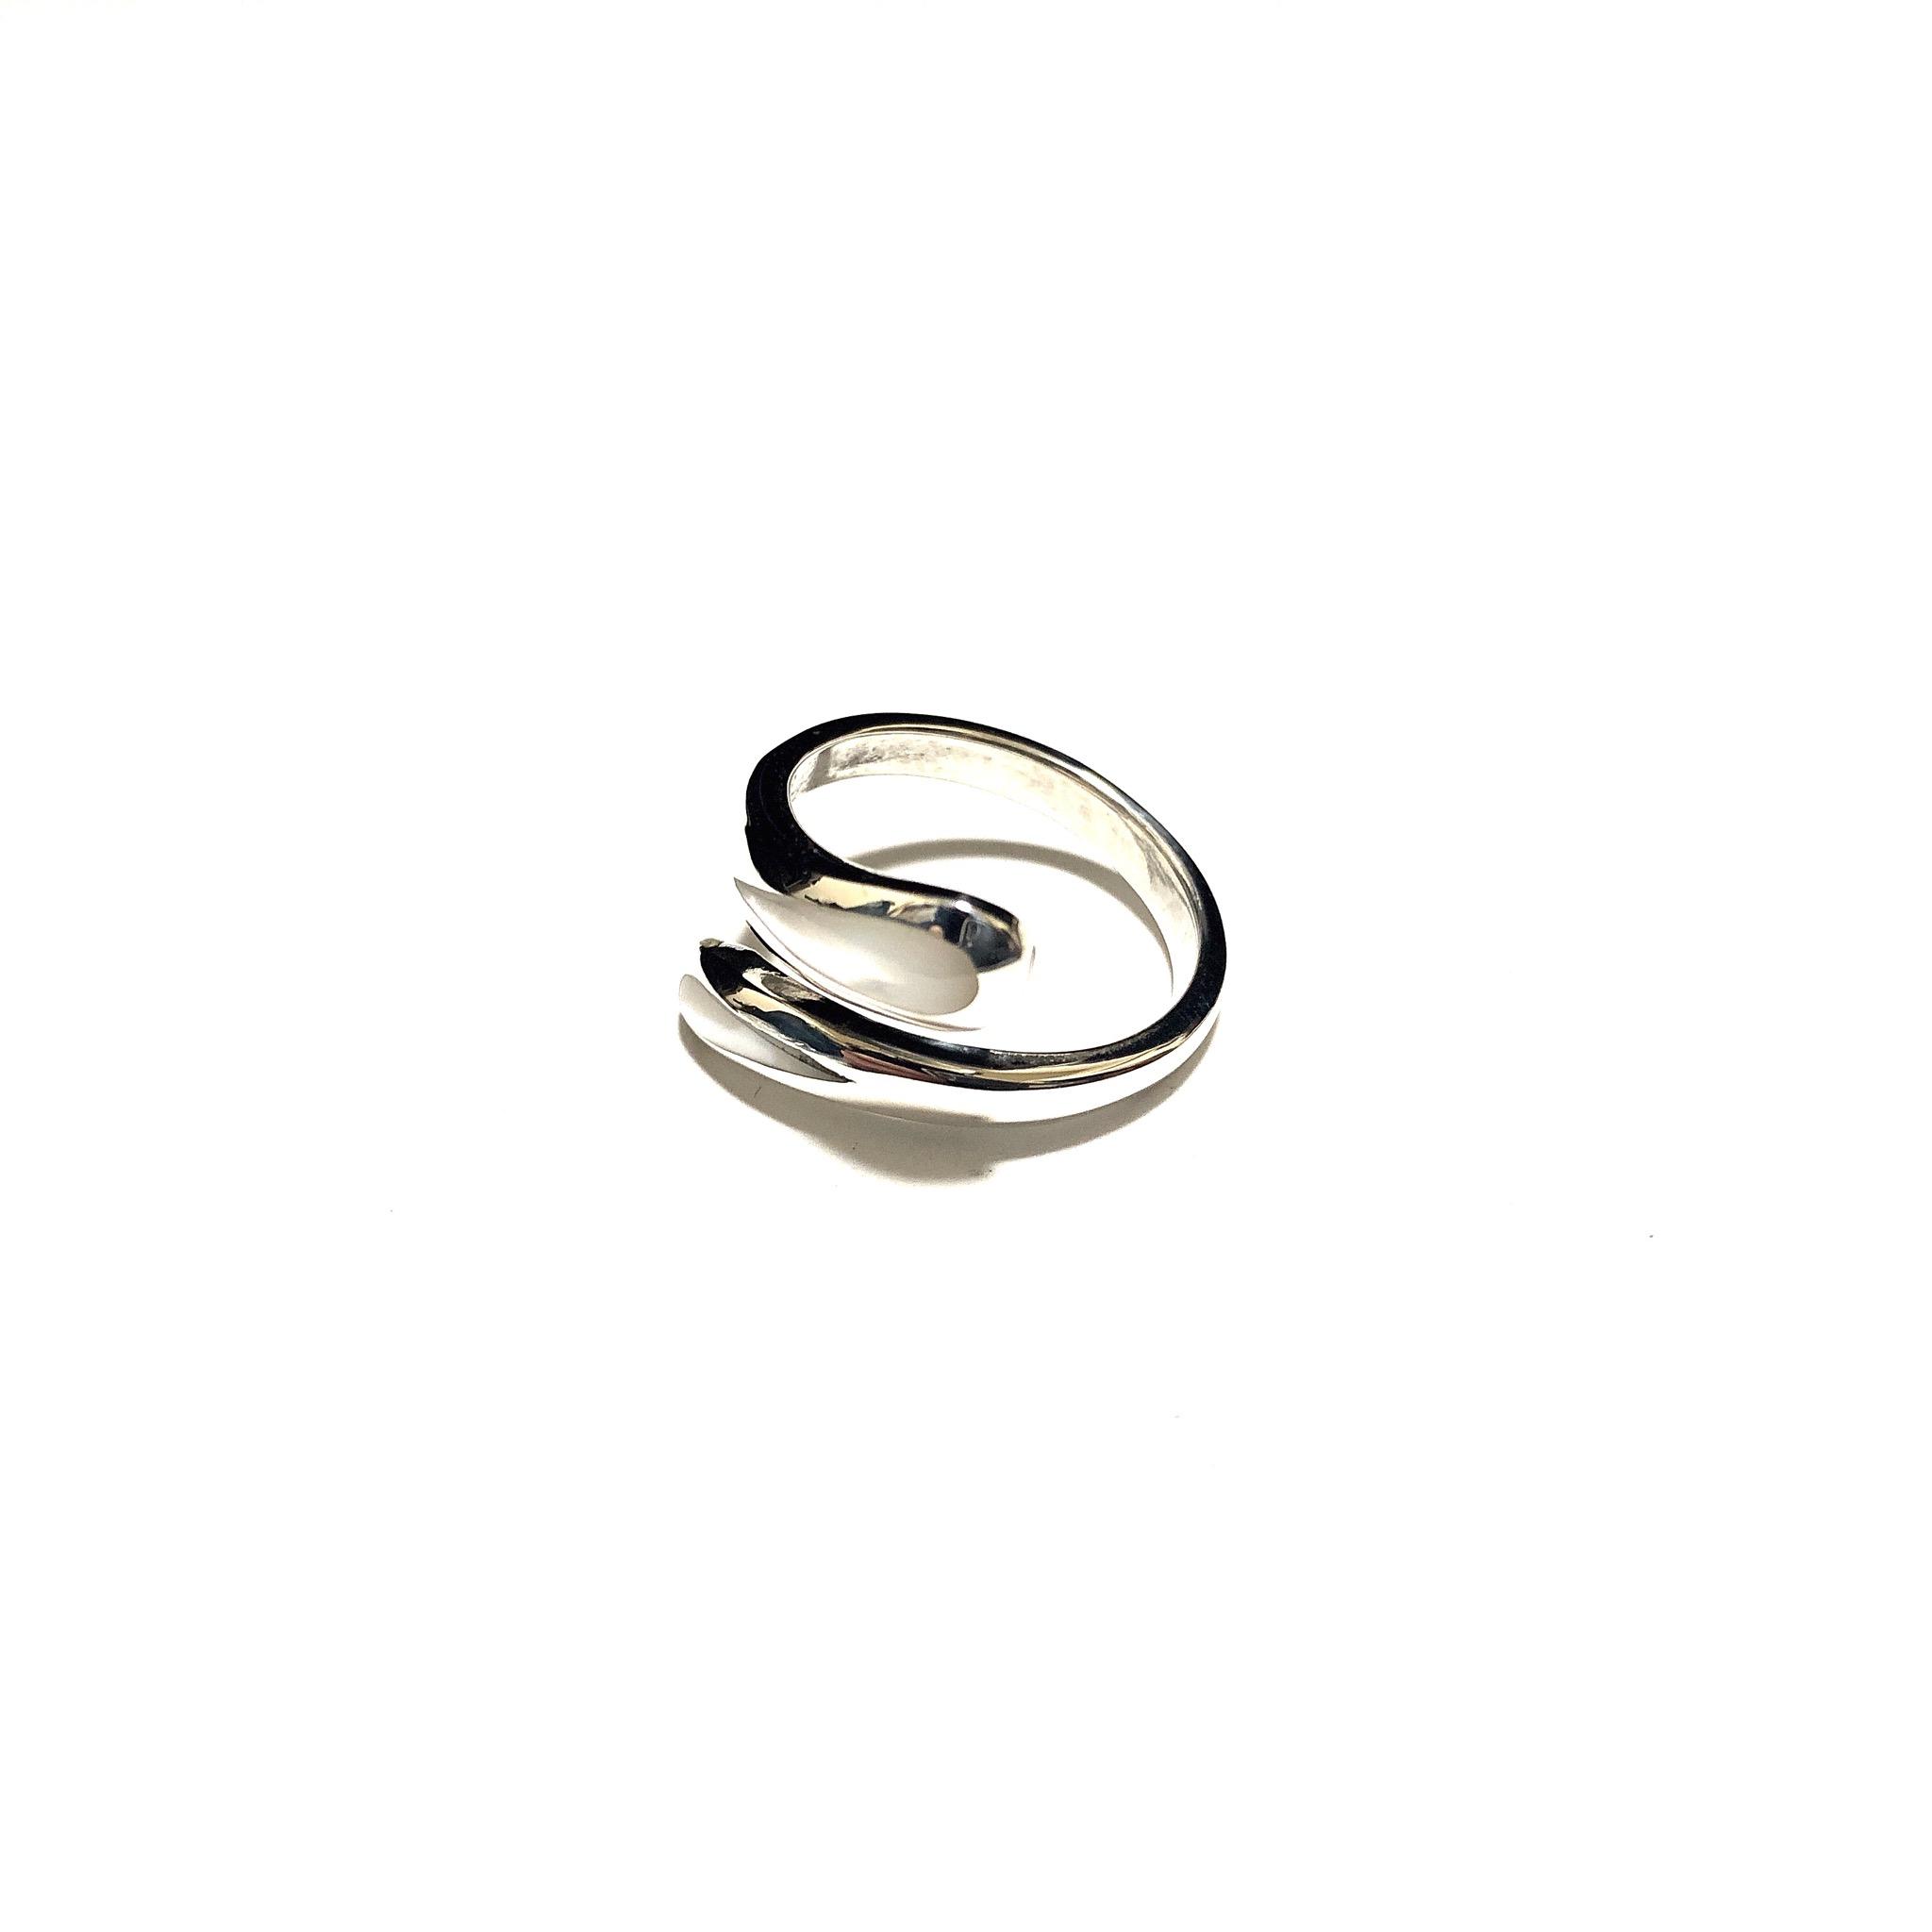 女性の方に大人気! 指元を鮮やかに飾るアクセ シルバー925 リング シェルホワイトの登場